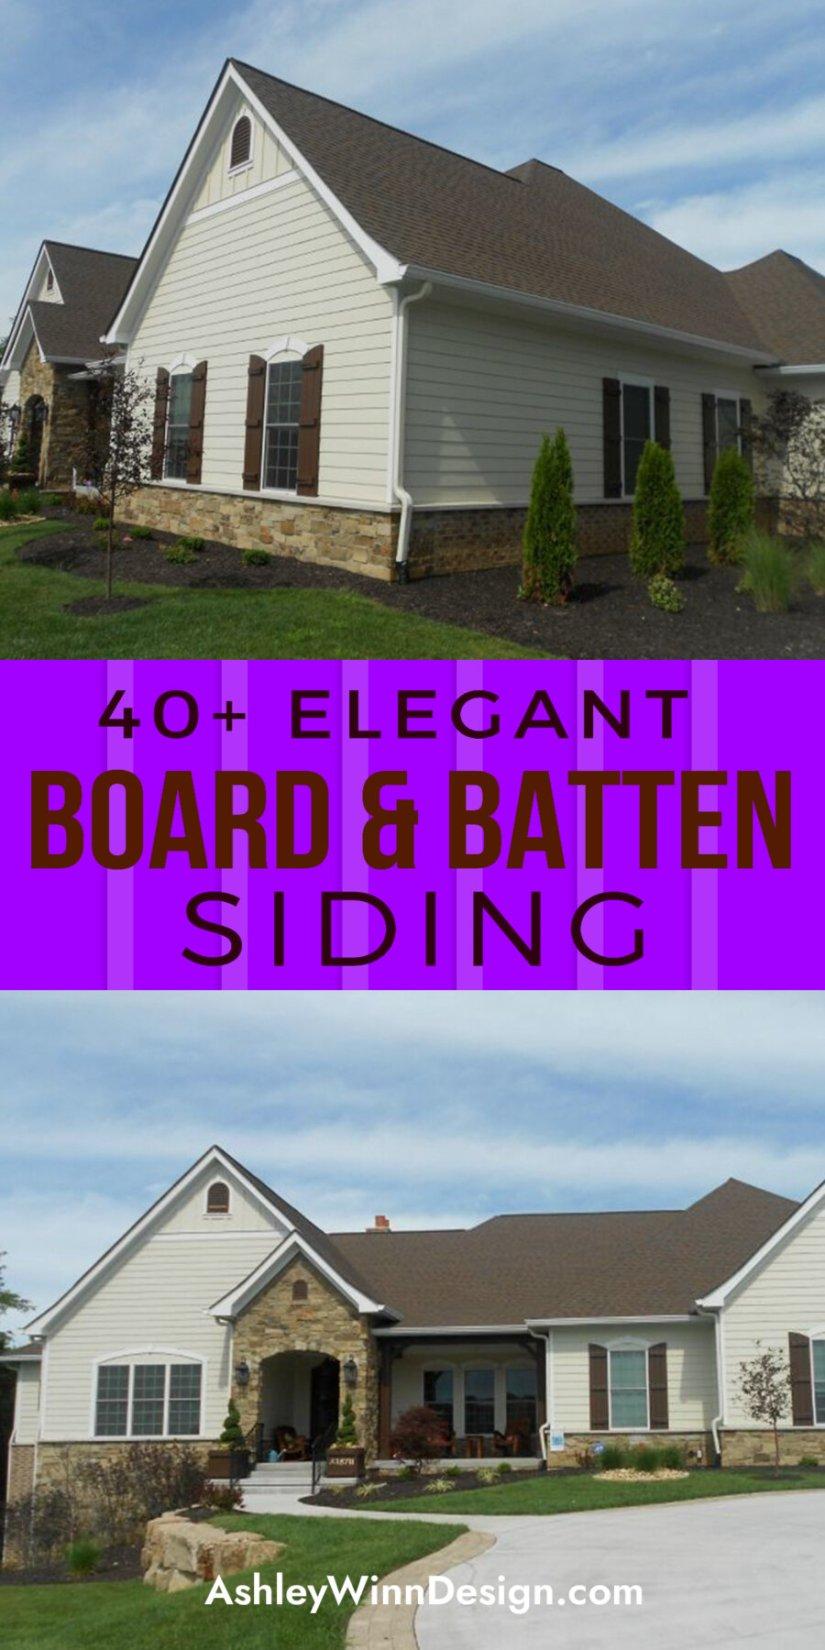 reverse board and batten siding